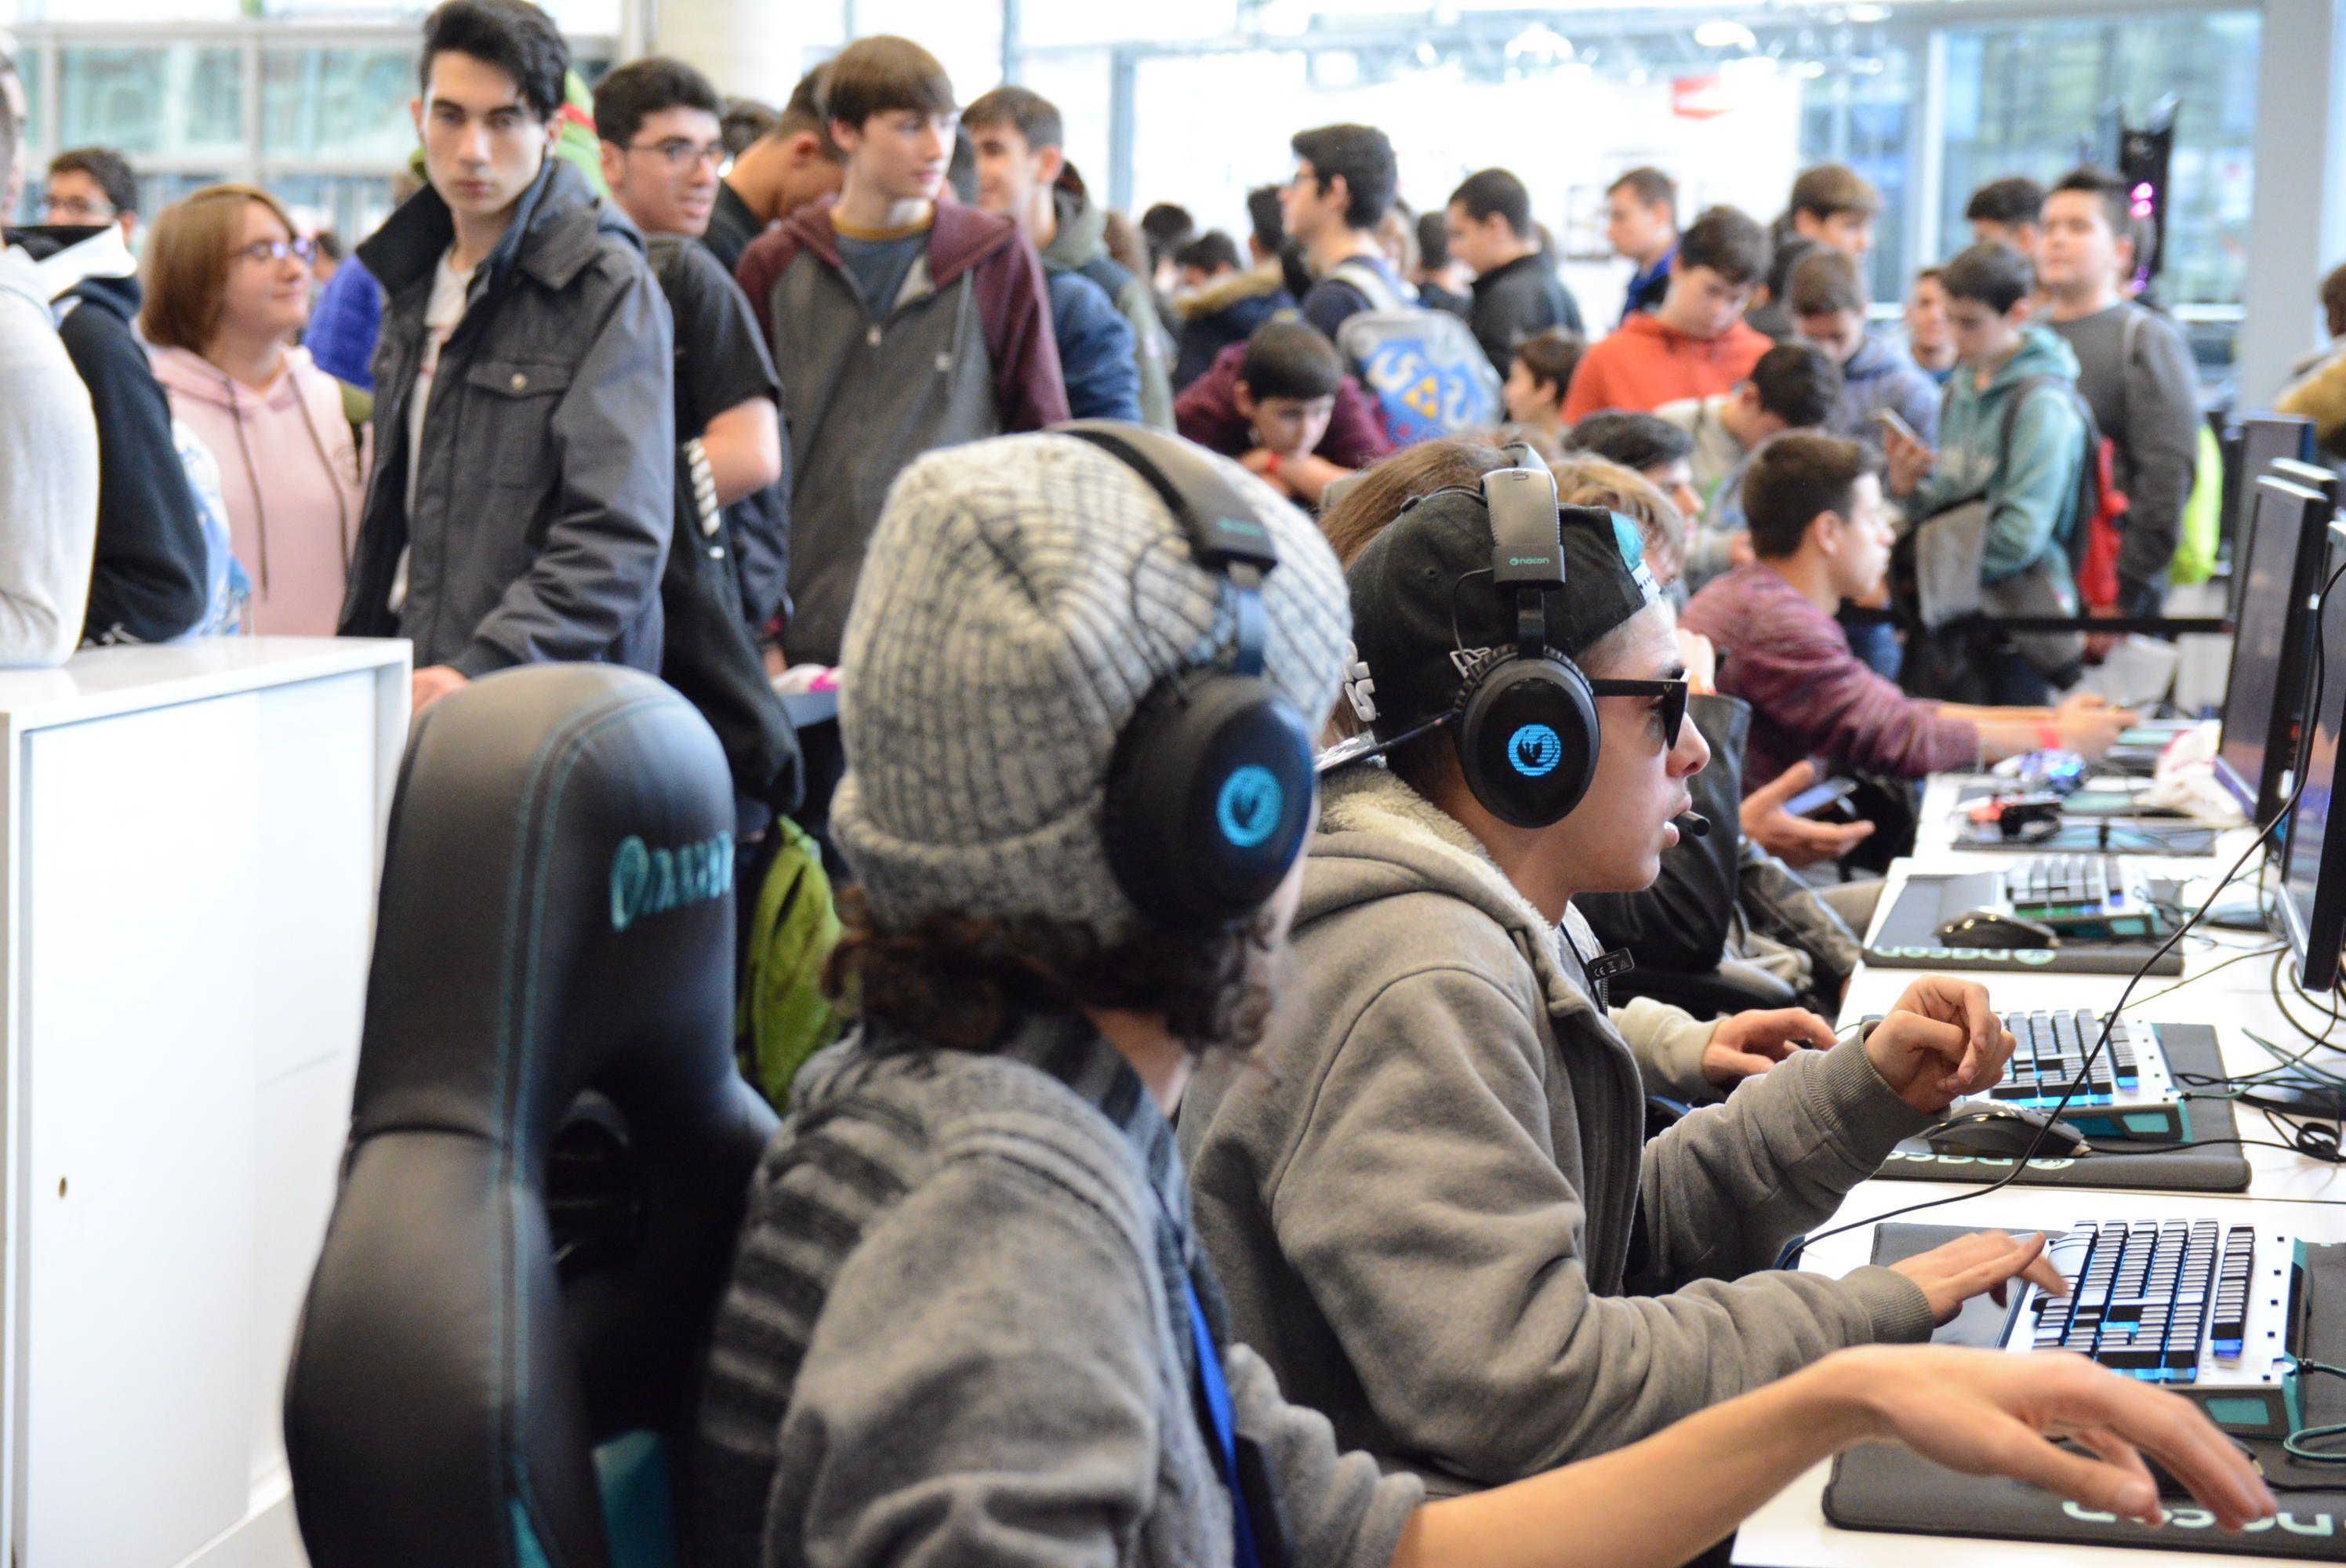 El festival de videojuegos Fun & Serious se muda al Bilbao Exhibition Centre (BEC)